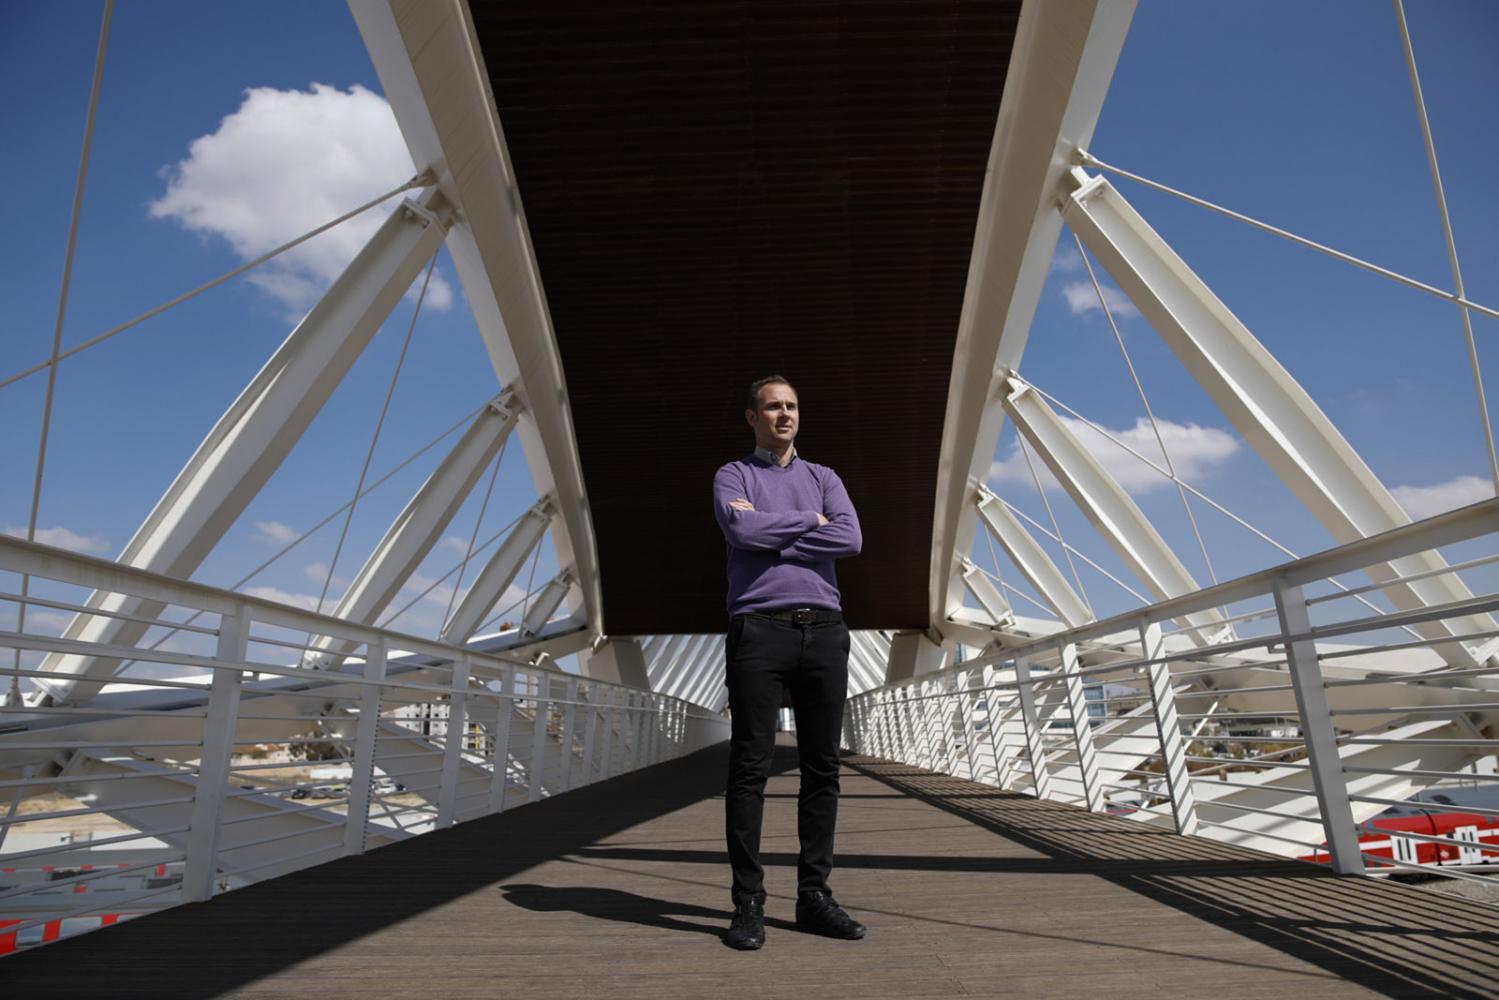 Roy Zwebner, Immobilienentwickler Gav Yam Negev, auf der Doppel-Helix-förmigen Brücke, welche die Ben-Gurion University of the Negev mit dem Gav-Yam Technologies Park verbindet, in Beersheva, Israel, 21.Februar 2017.